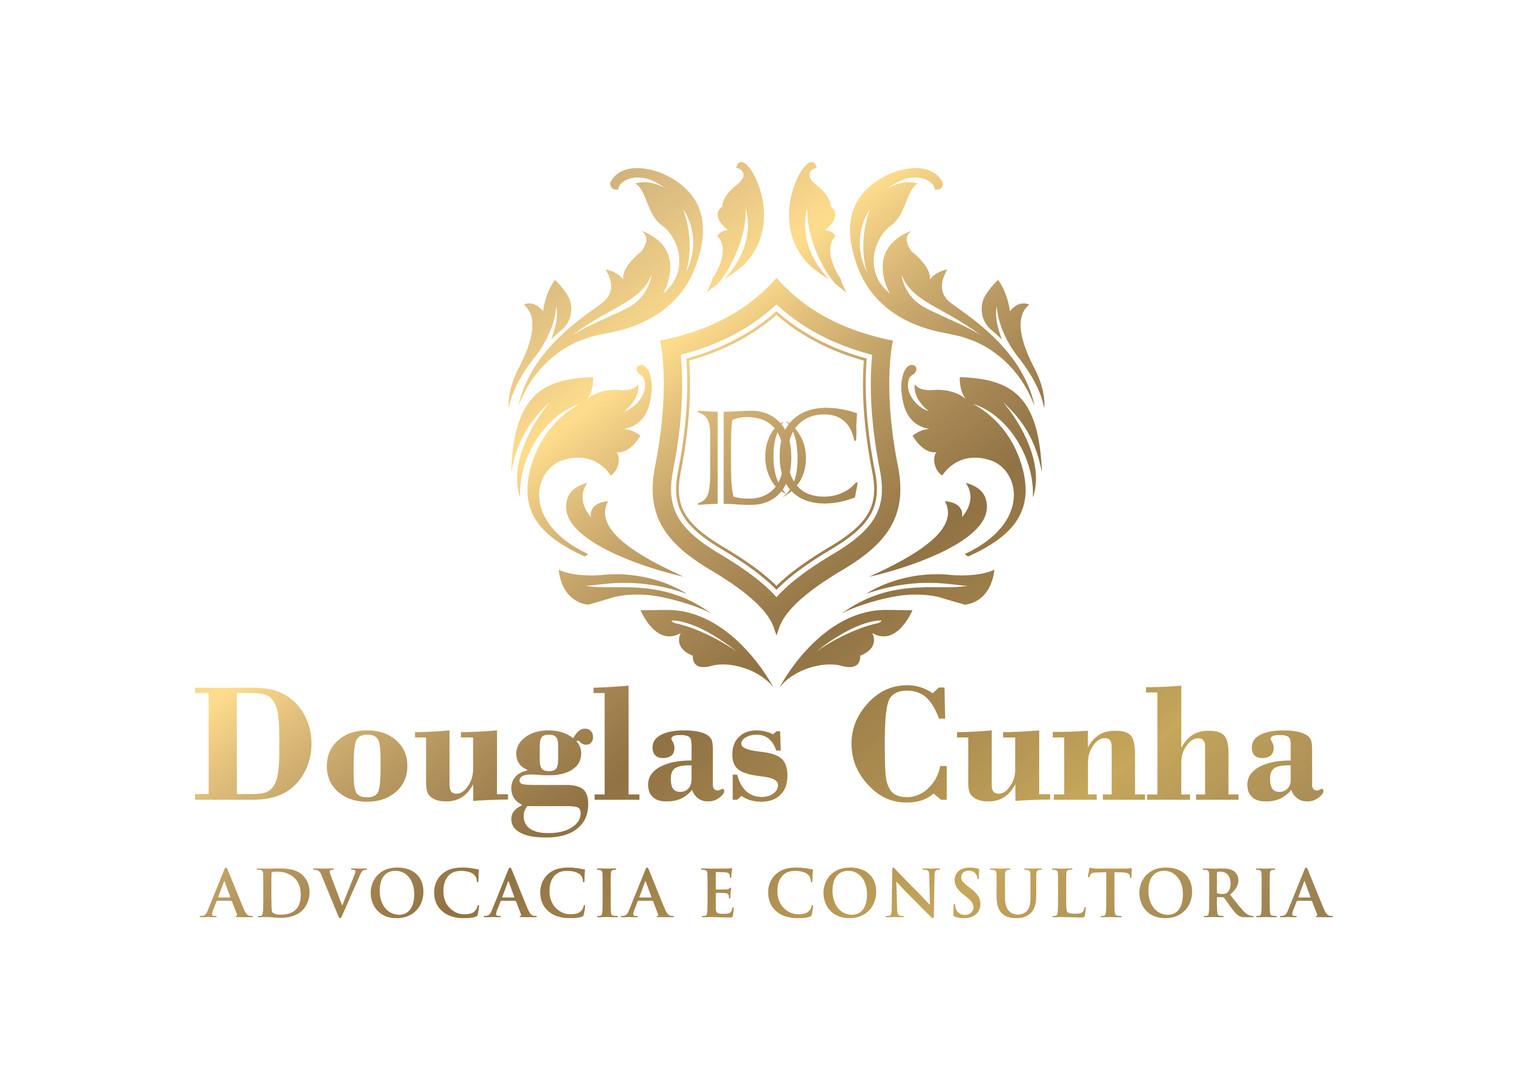 56565_Douglas Cunha_171220_aa-01.jpg